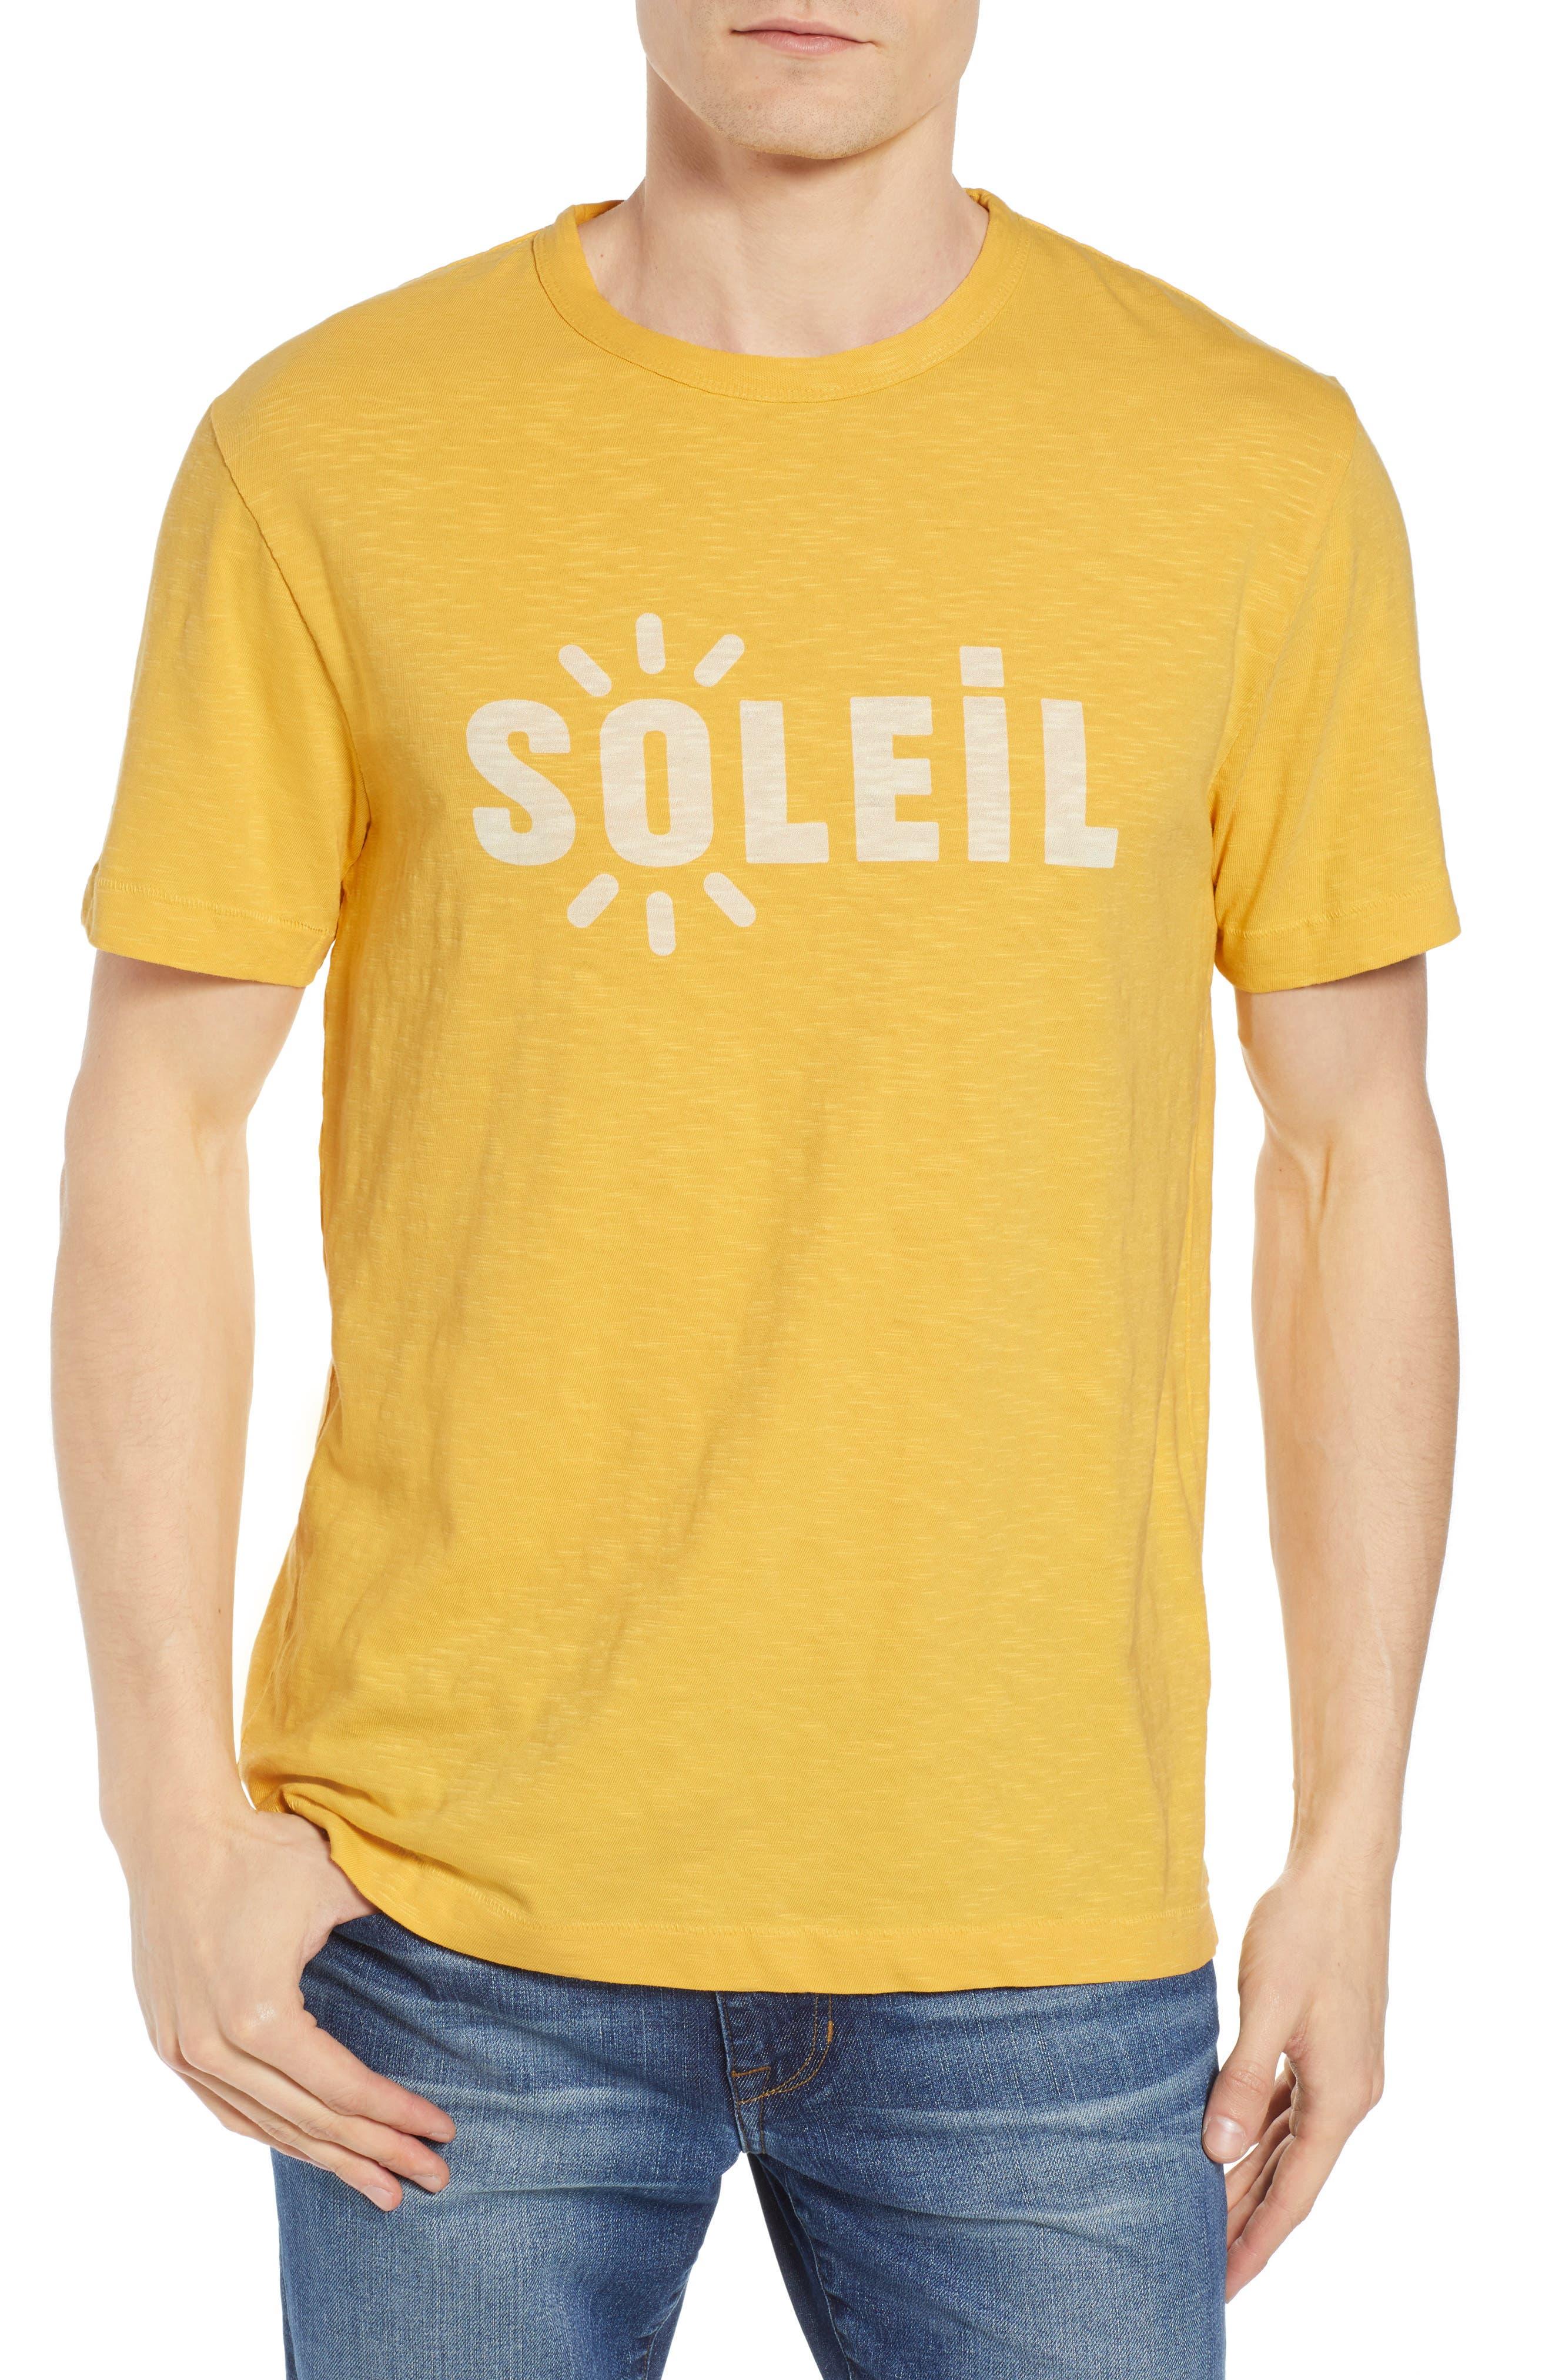 Soleil T-Shirt,                             Main thumbnail 1, color,                             Banana